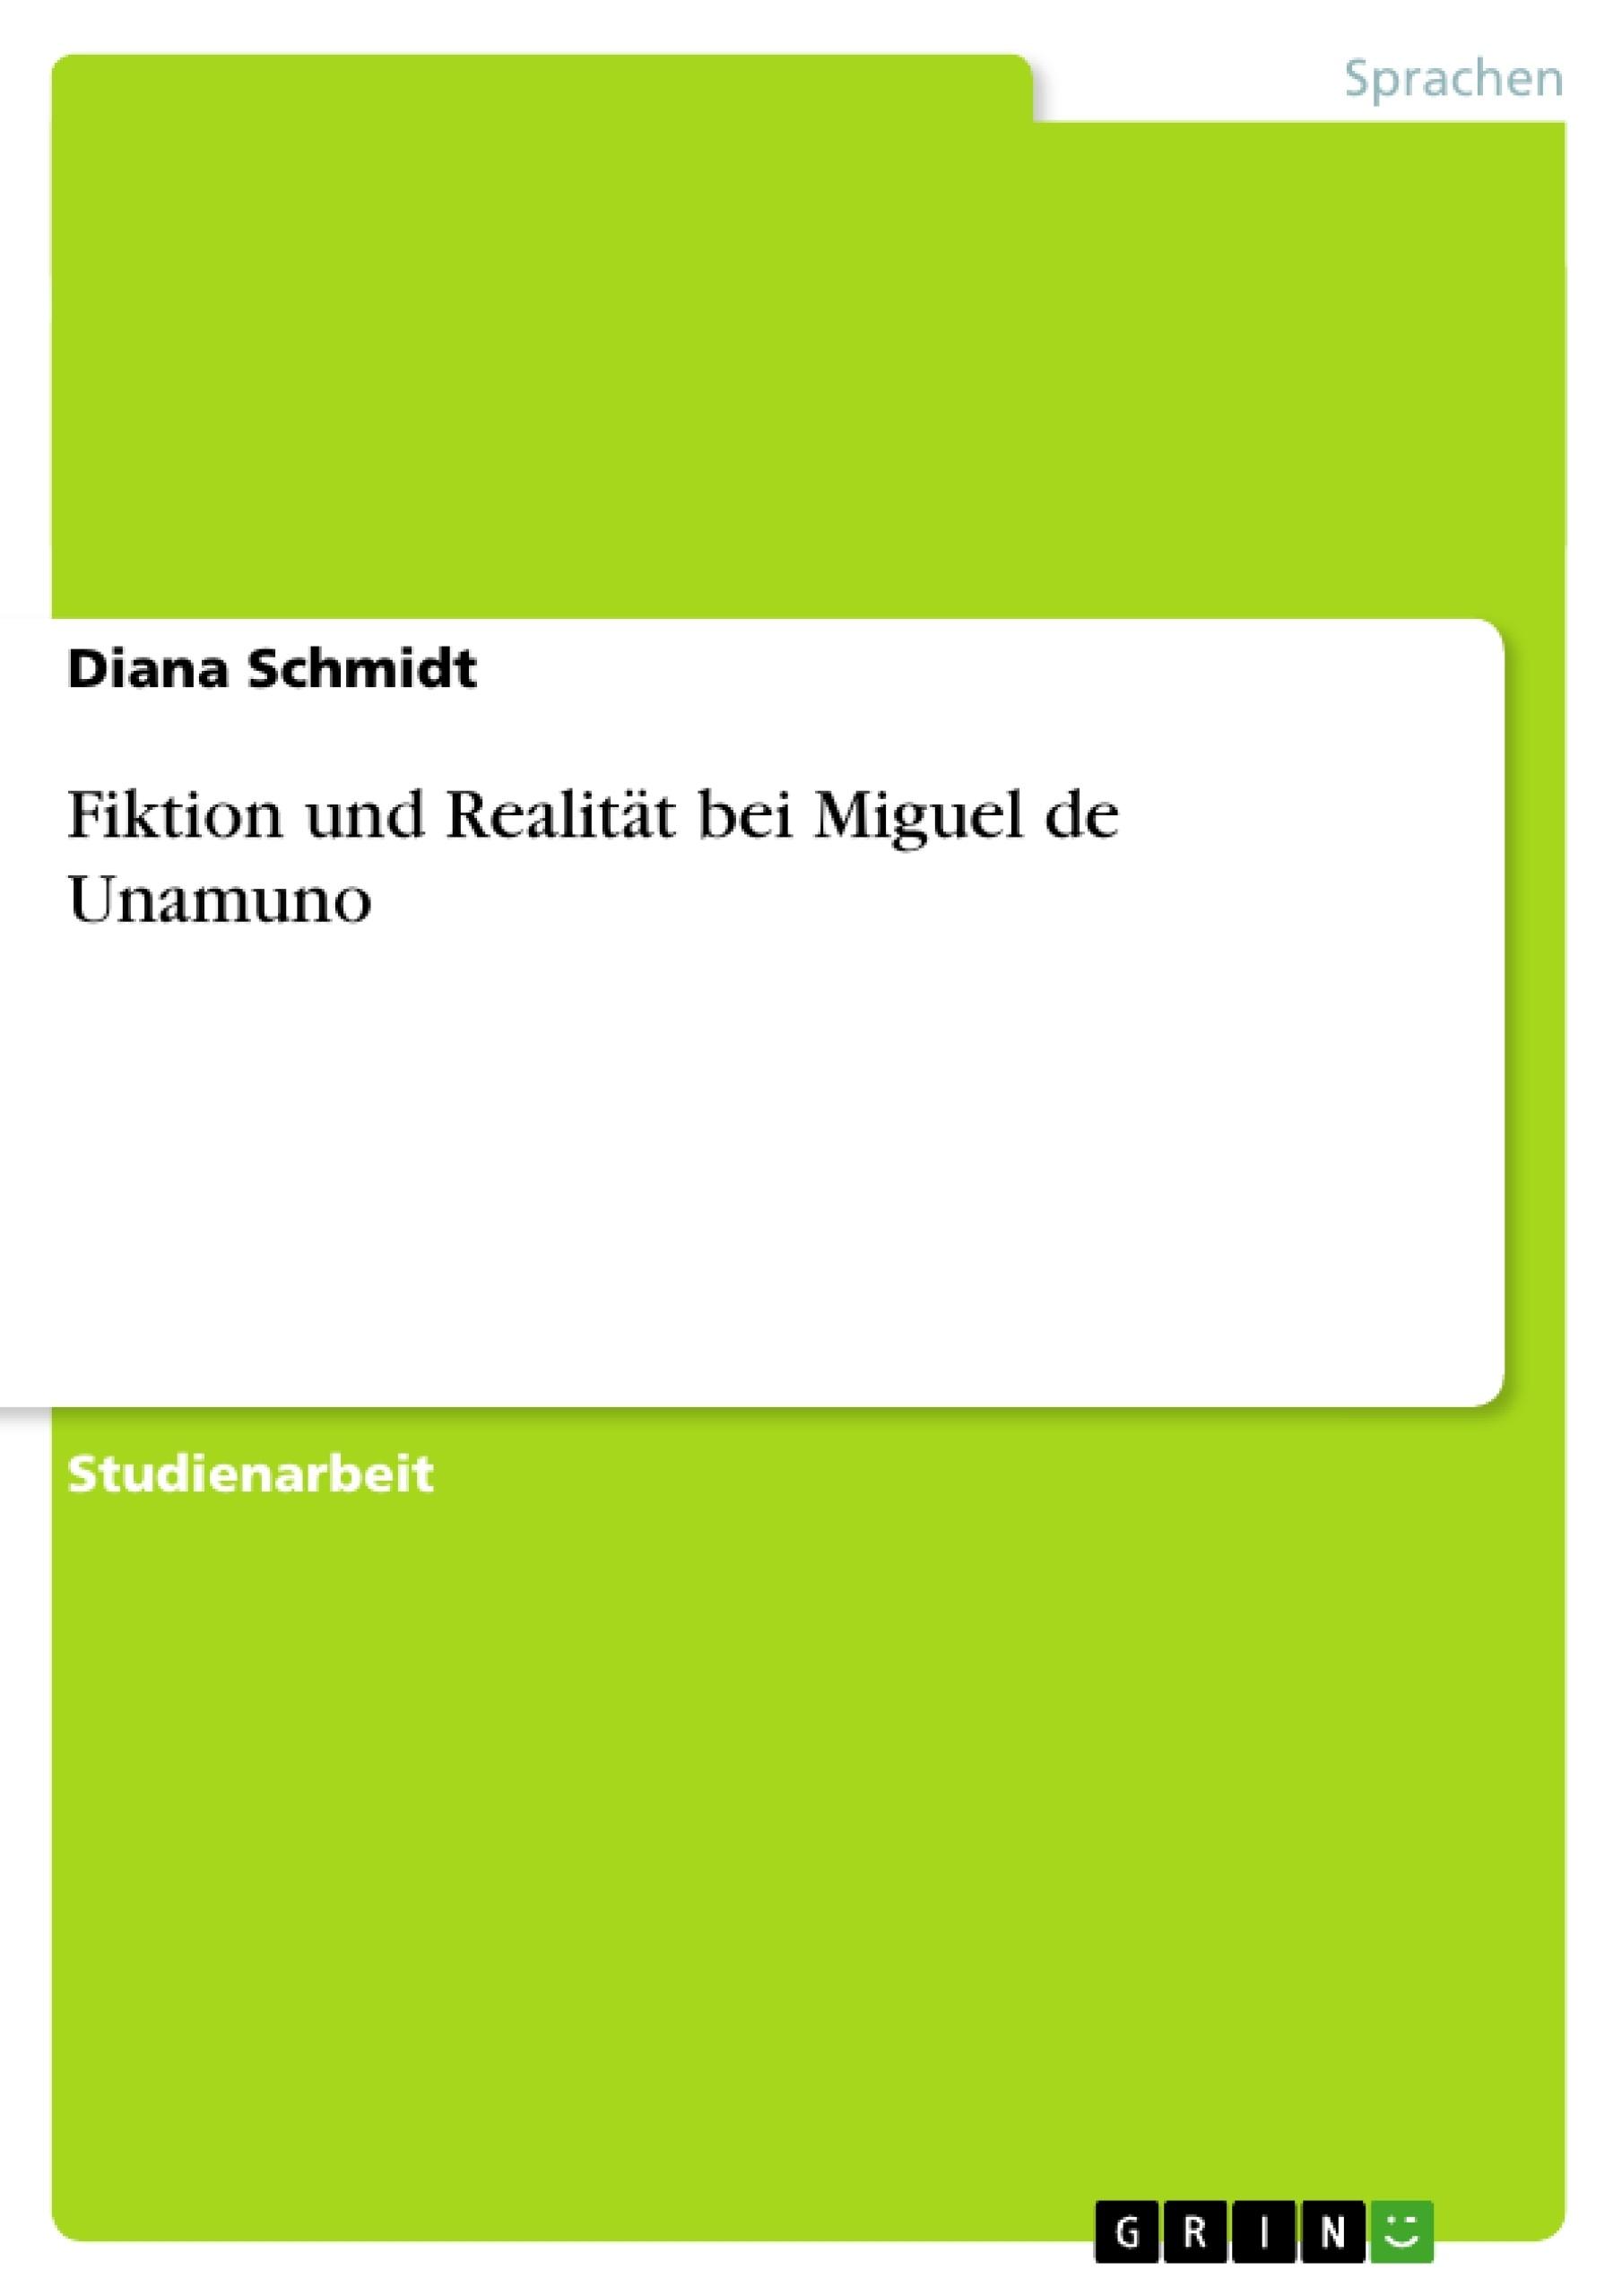 Titel: Fiktion und Realität bei Miguel de Unamuno